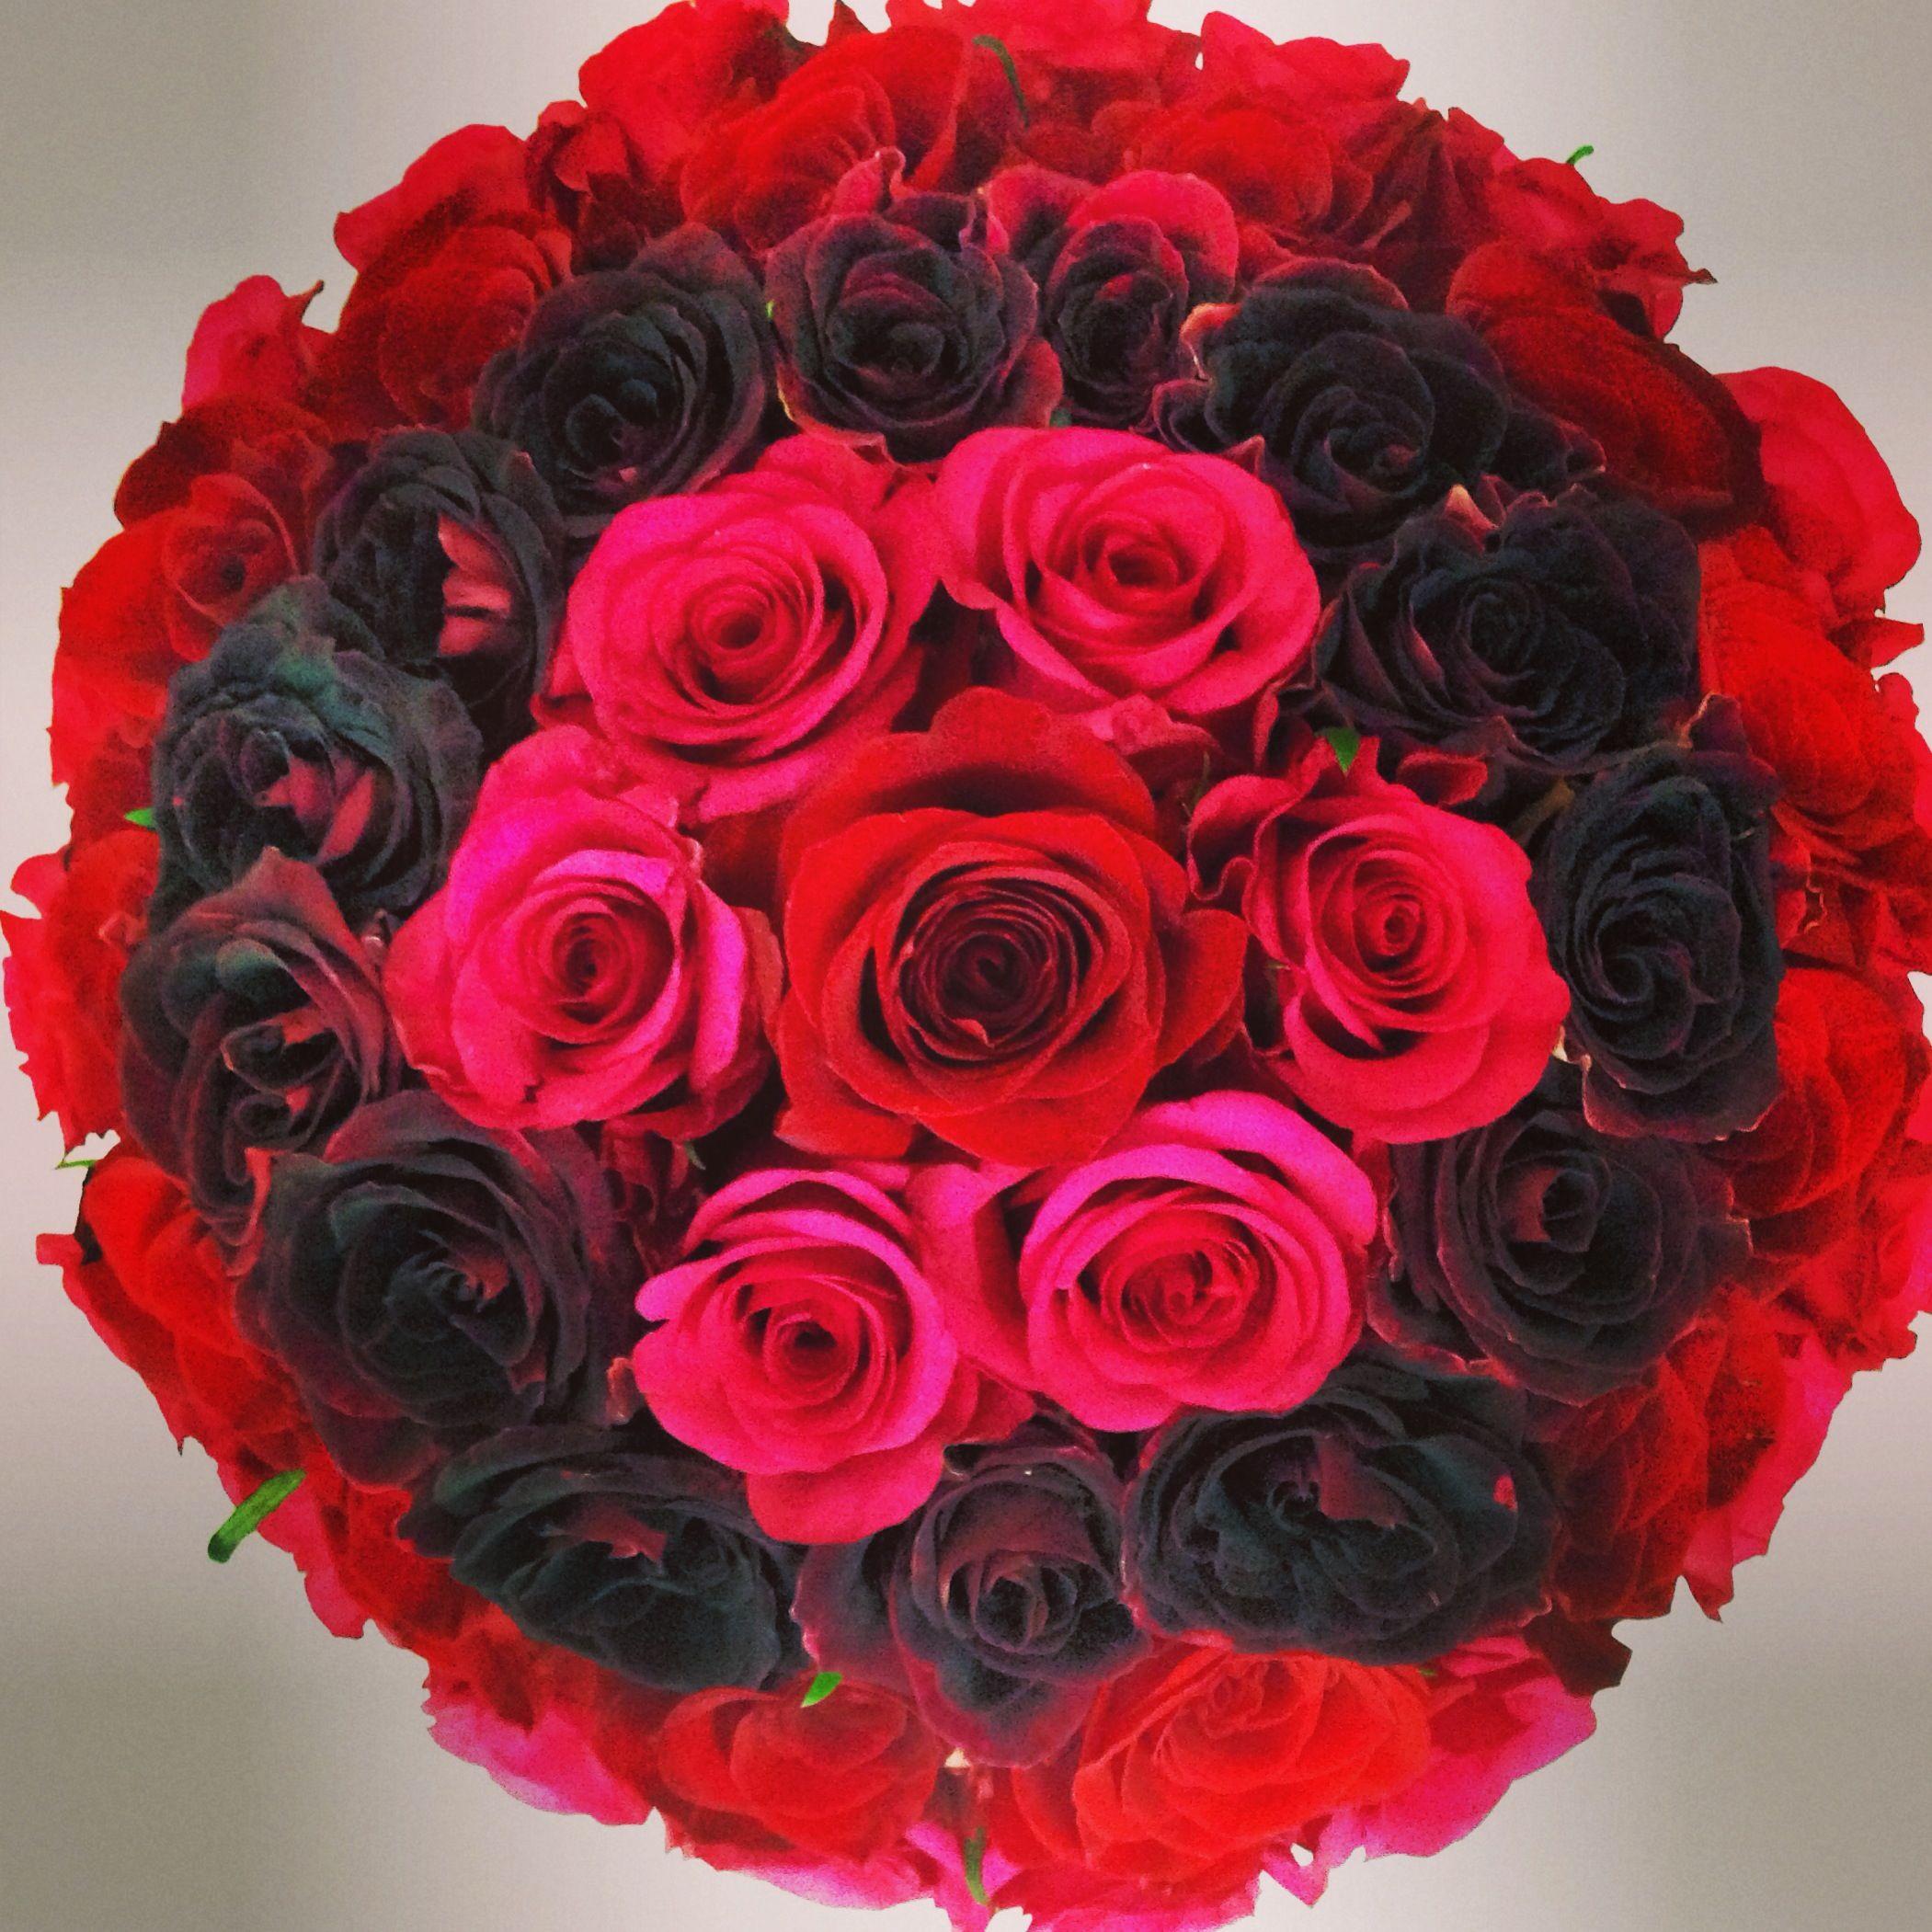 Biedermeier love roses an unique ombre color progression luxury an unique ombre color progression luxury bouquet of five dozen premium roses by gabriela wakeham floral design in new york city izmirmasajfo